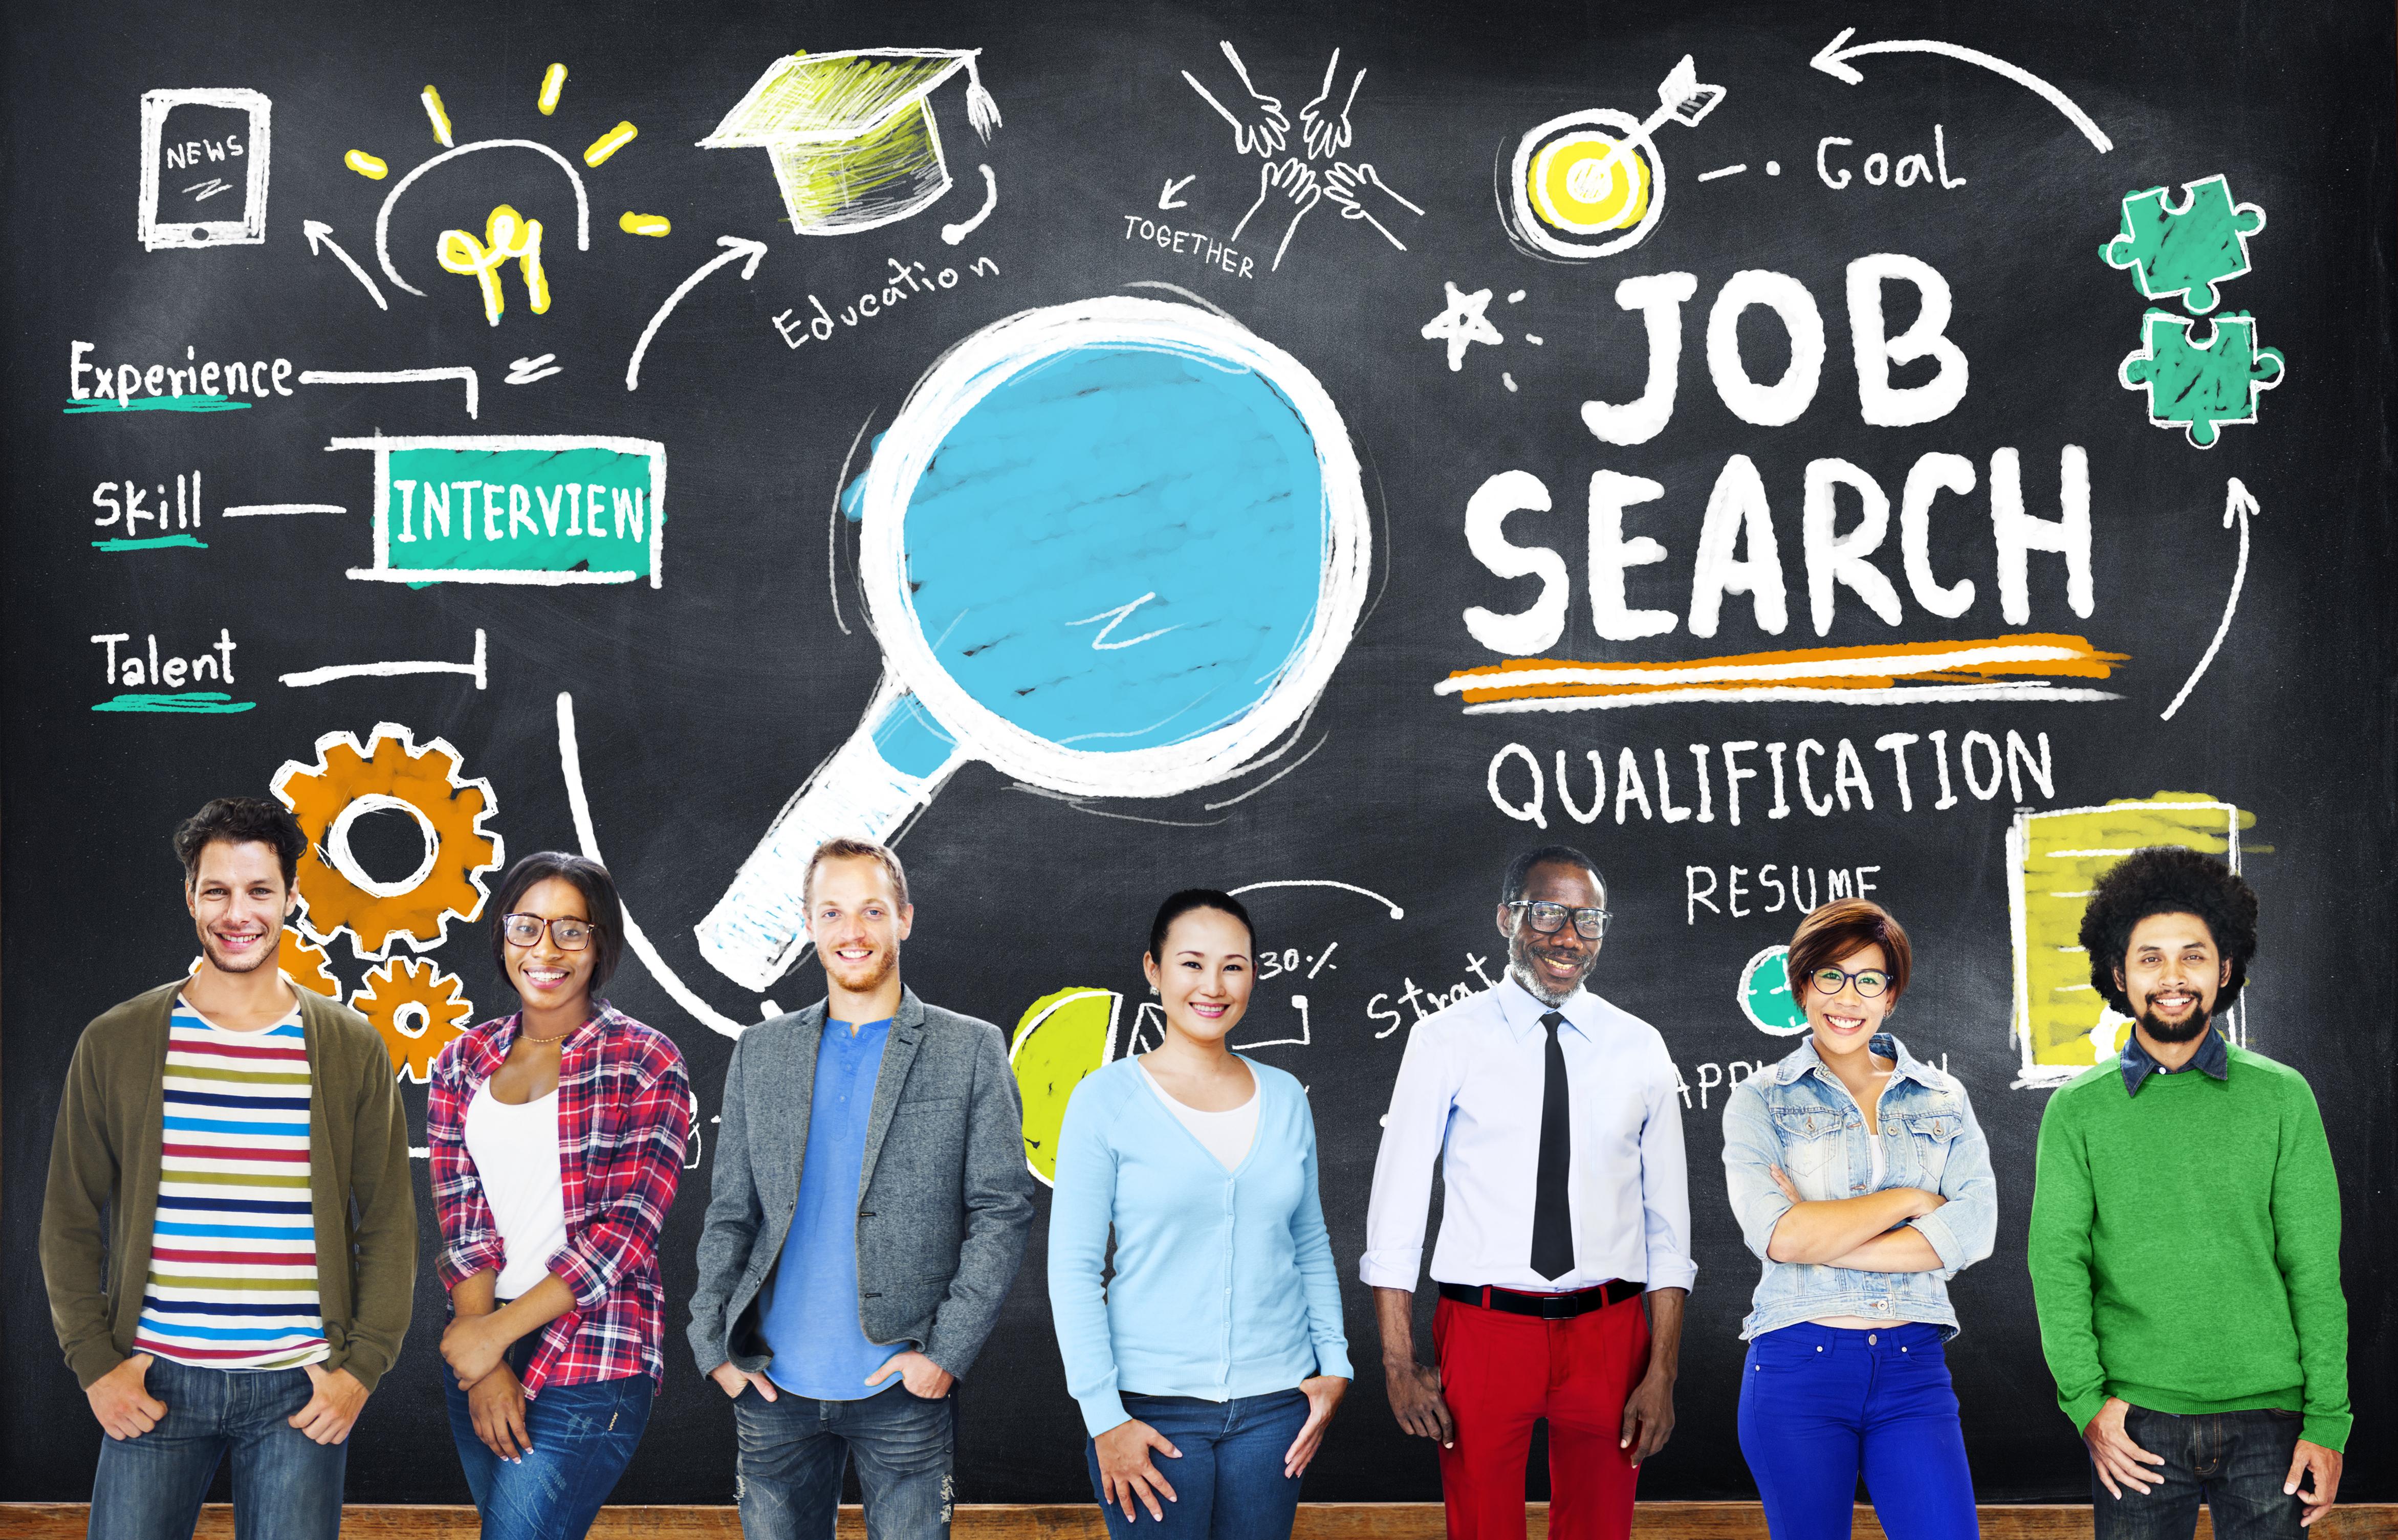 Find Careers - educationplanner.org